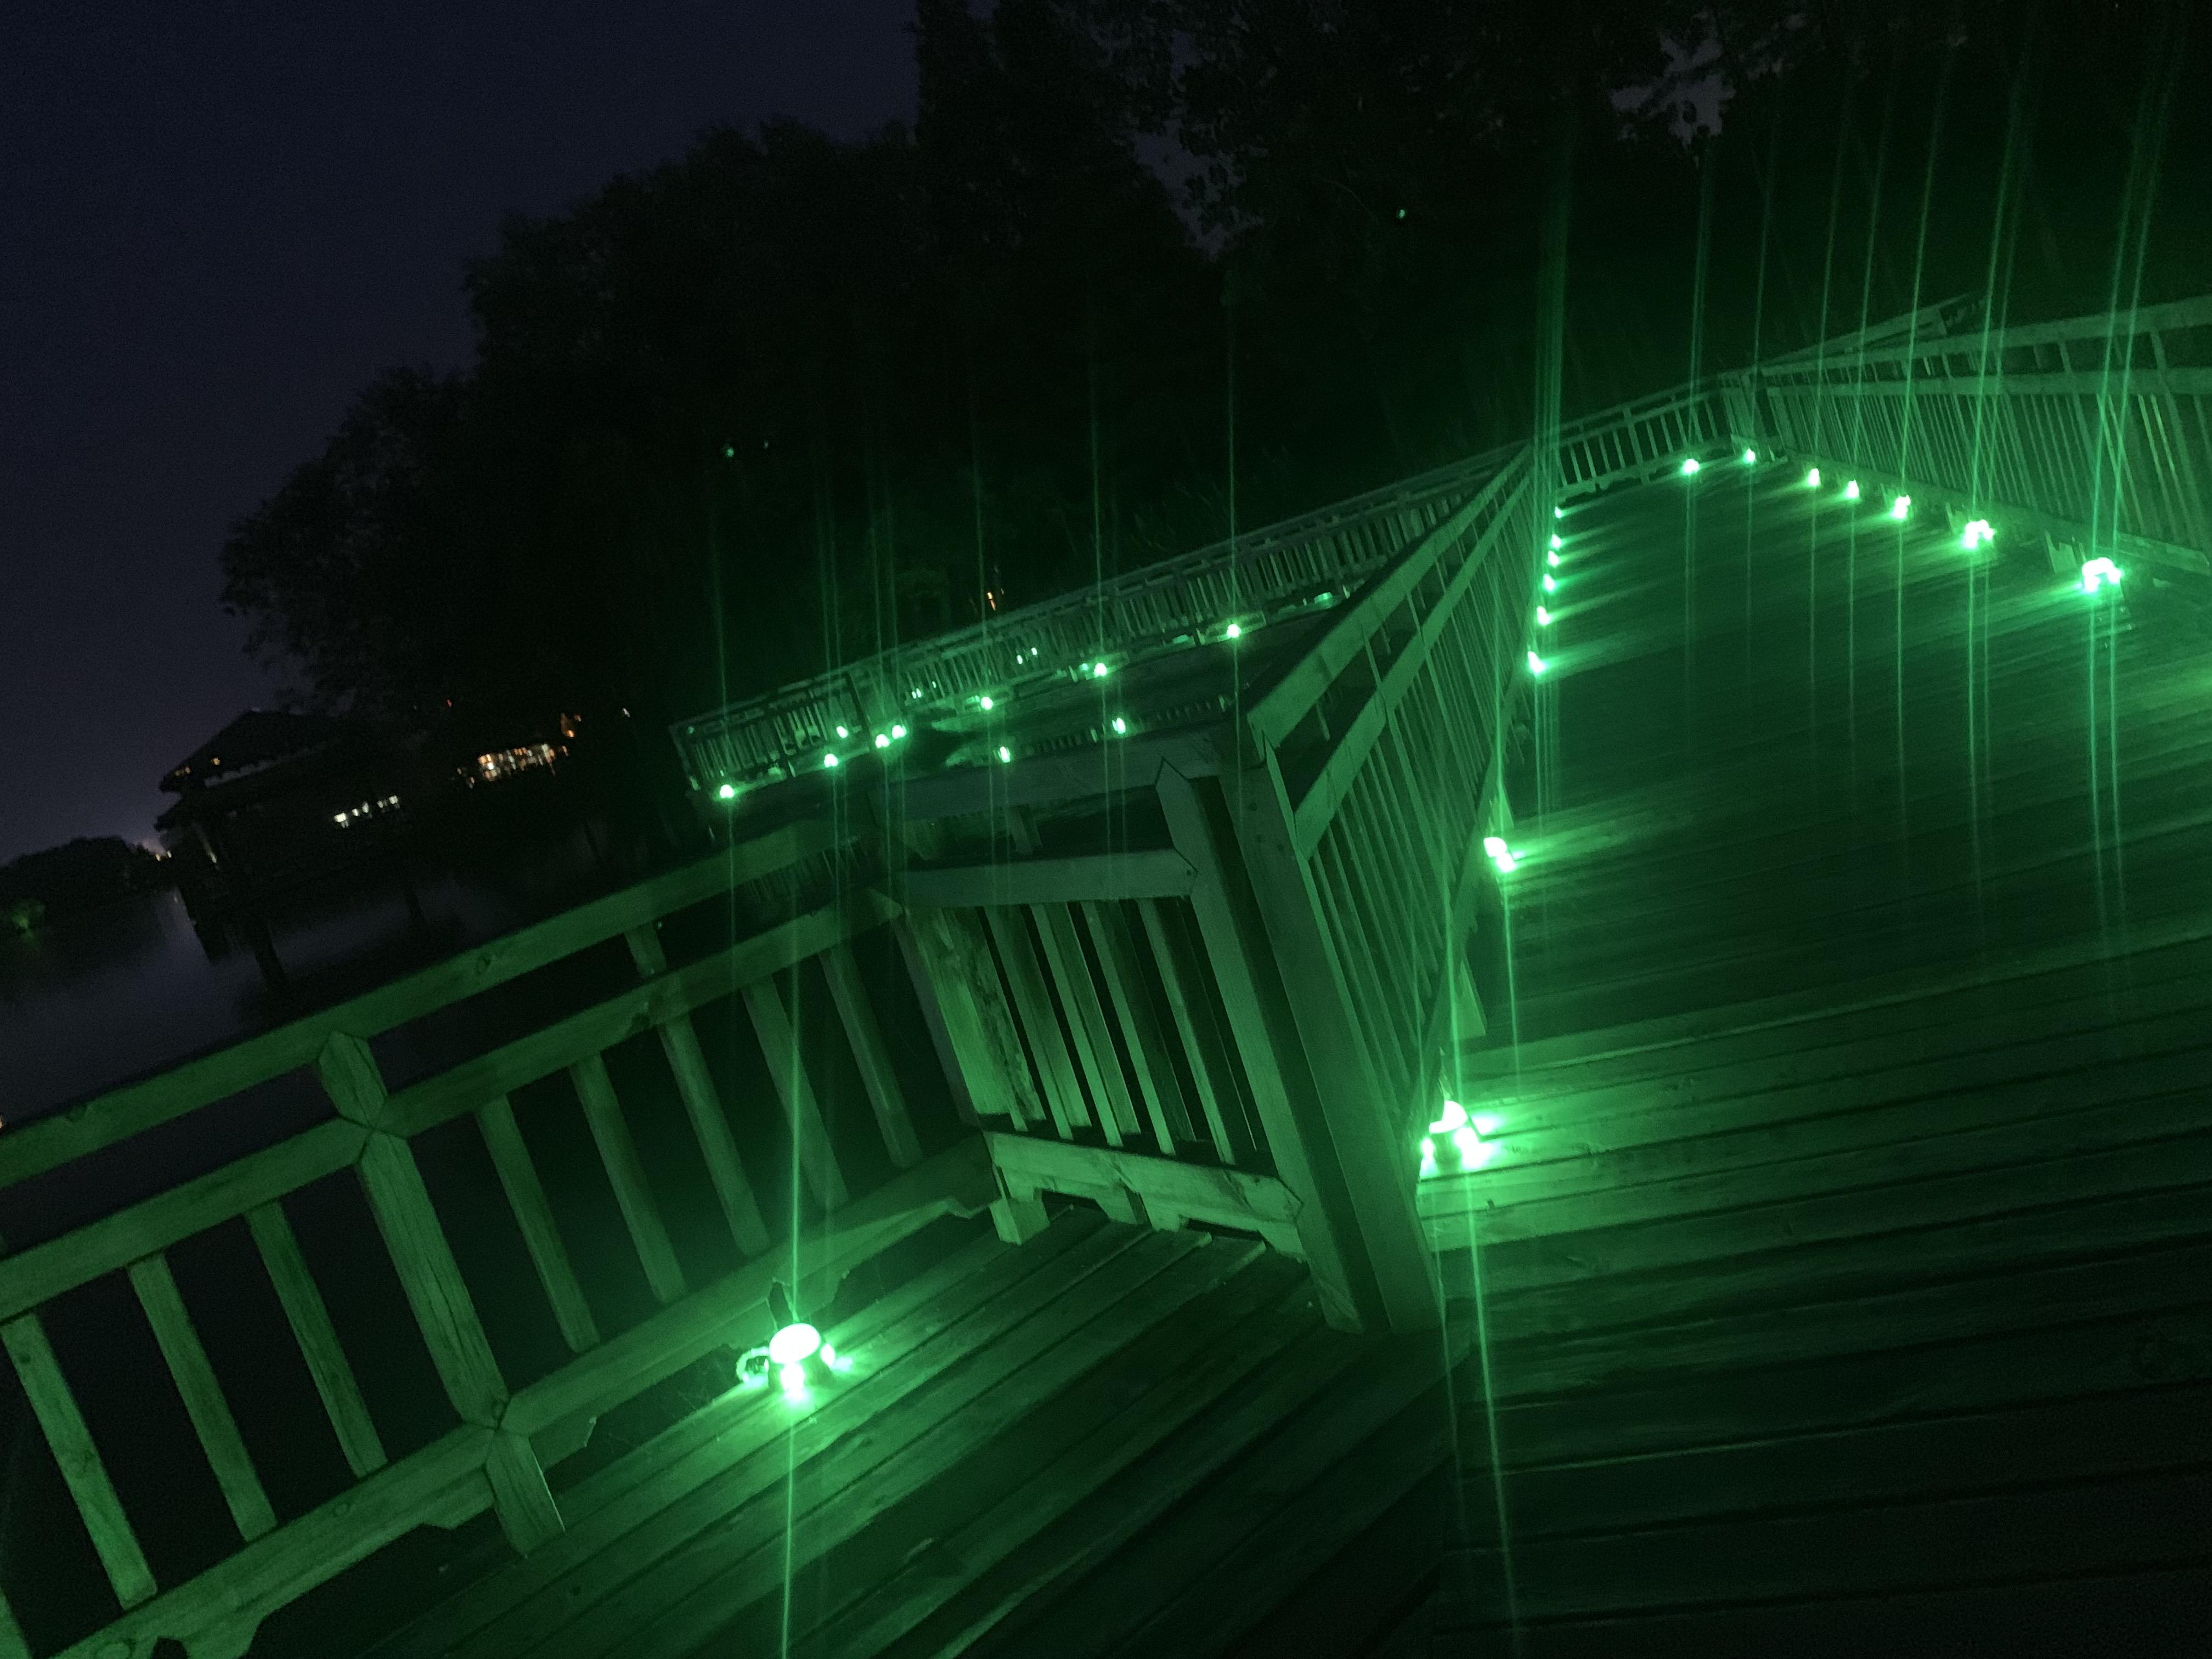 淮安市开发区 - 钵池山公园夜景